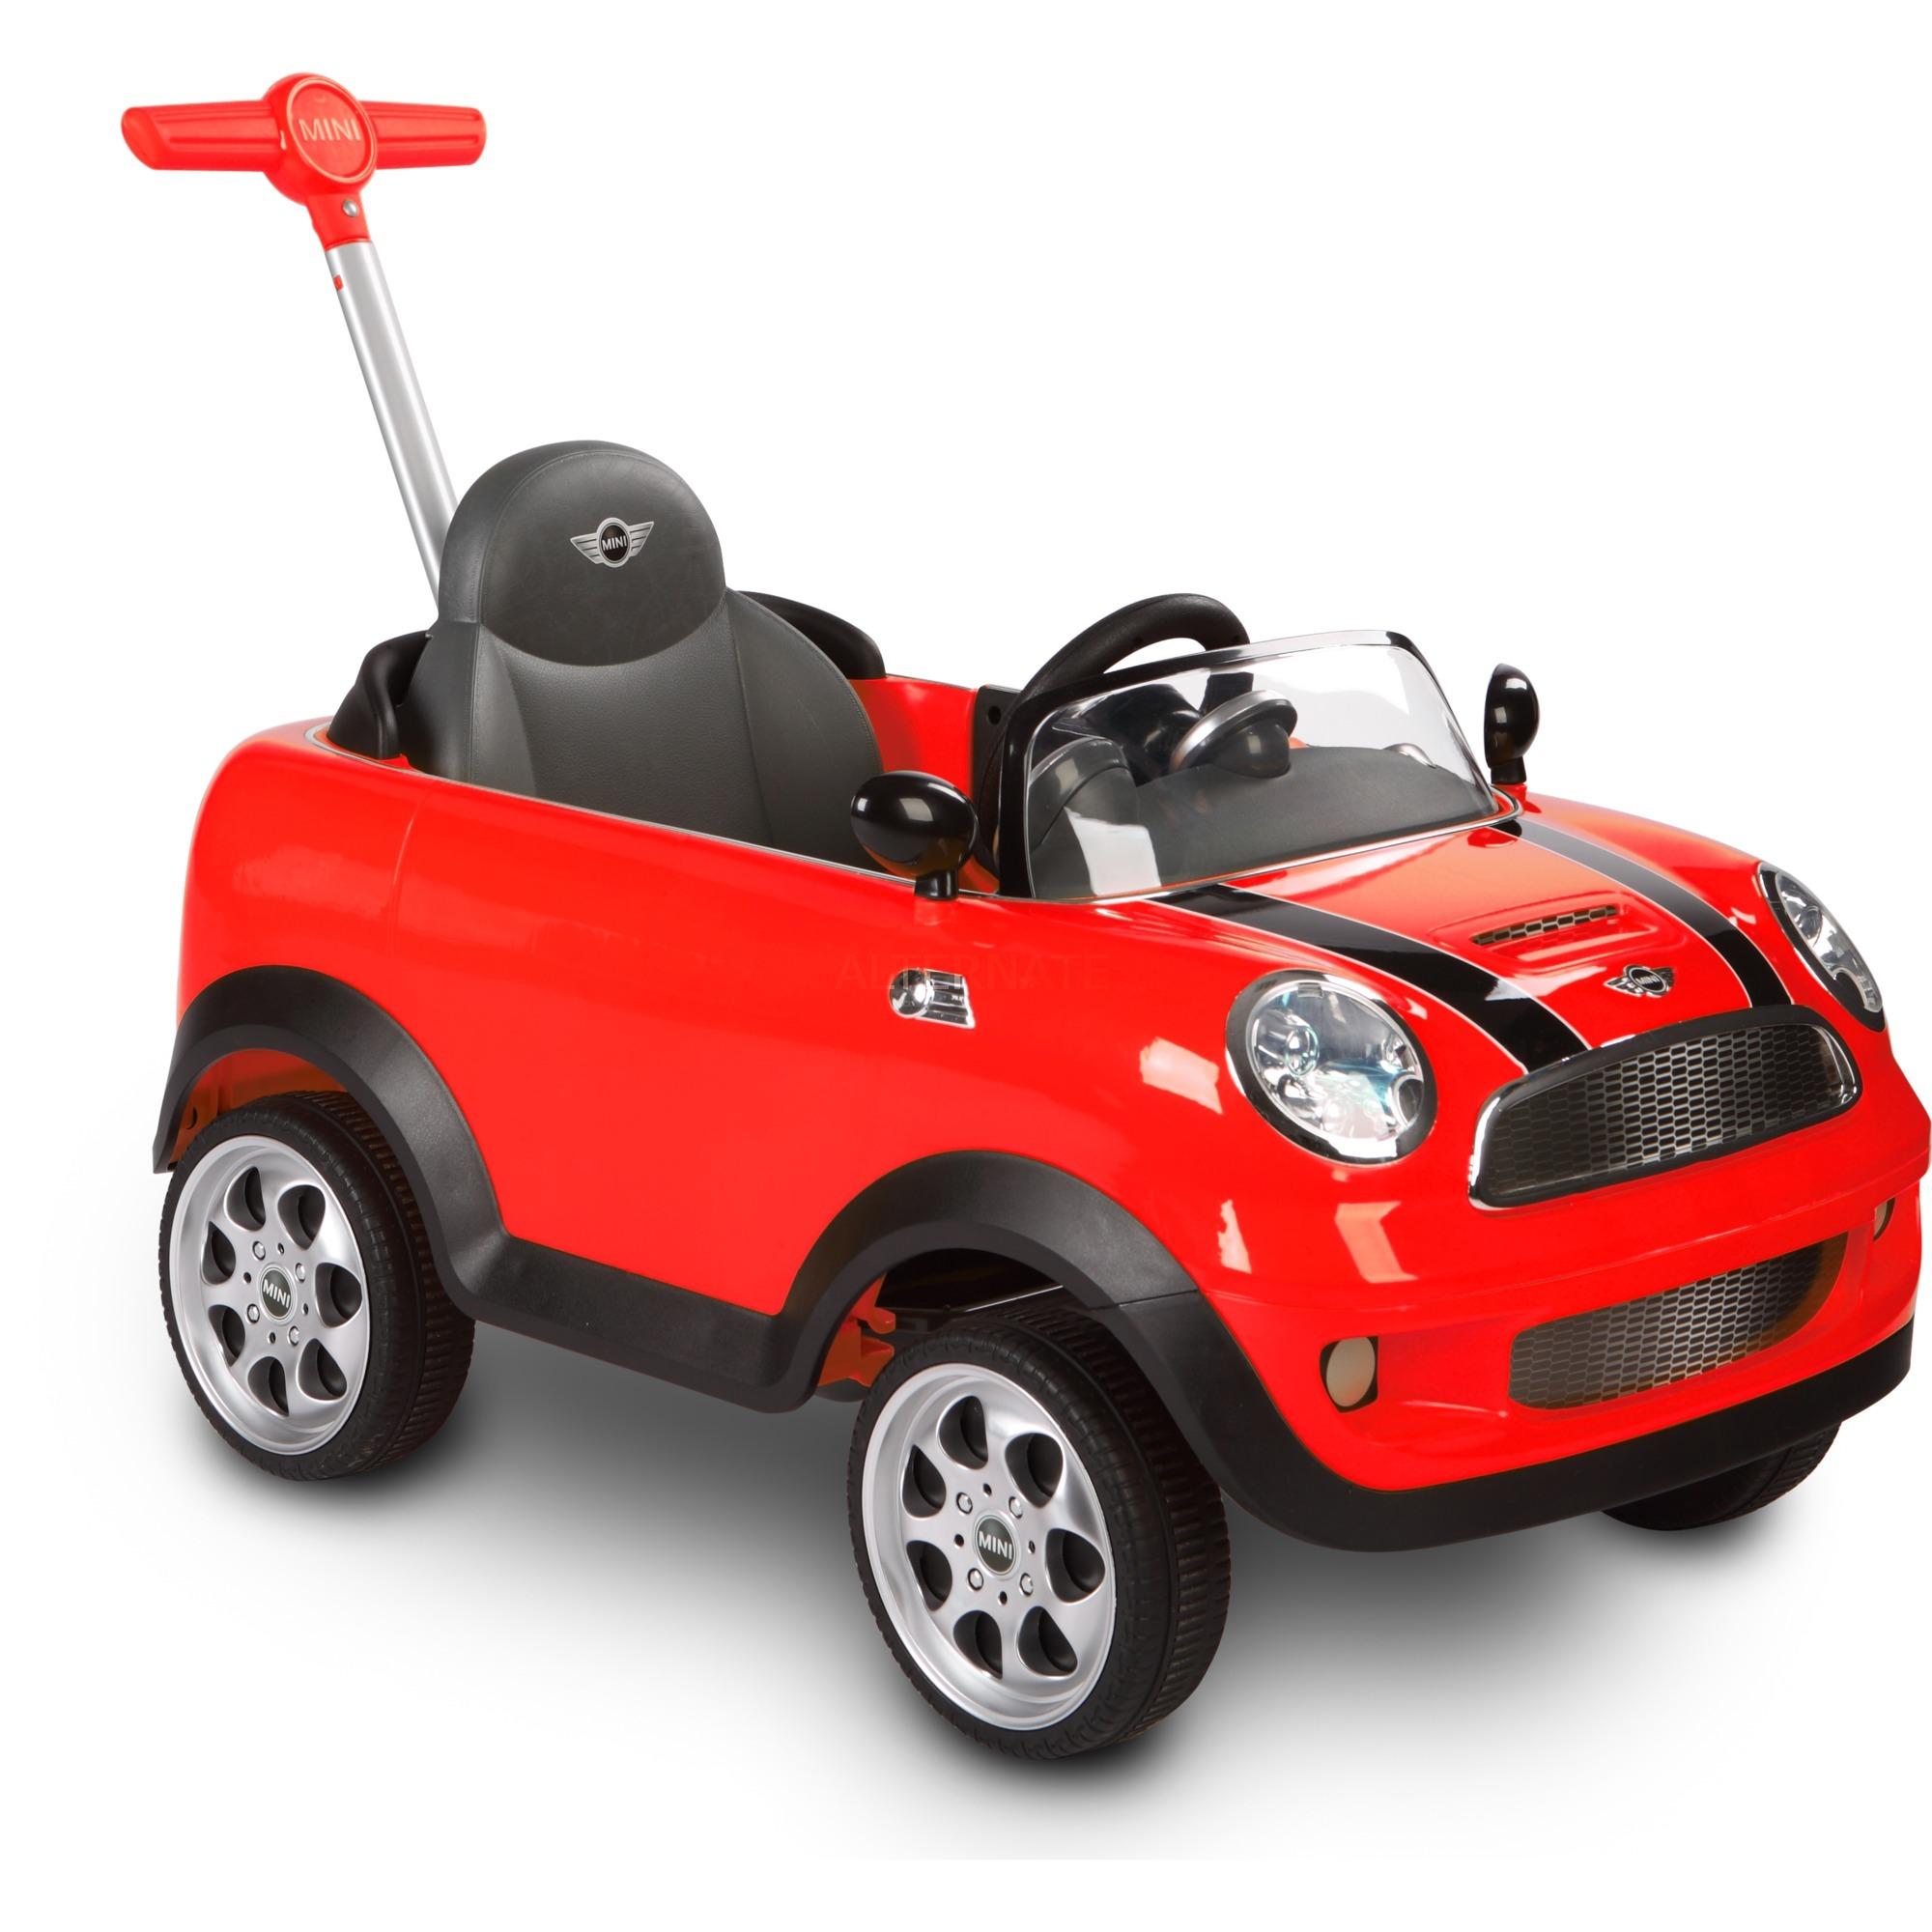 ZW455-42513, Automóvil de juguete